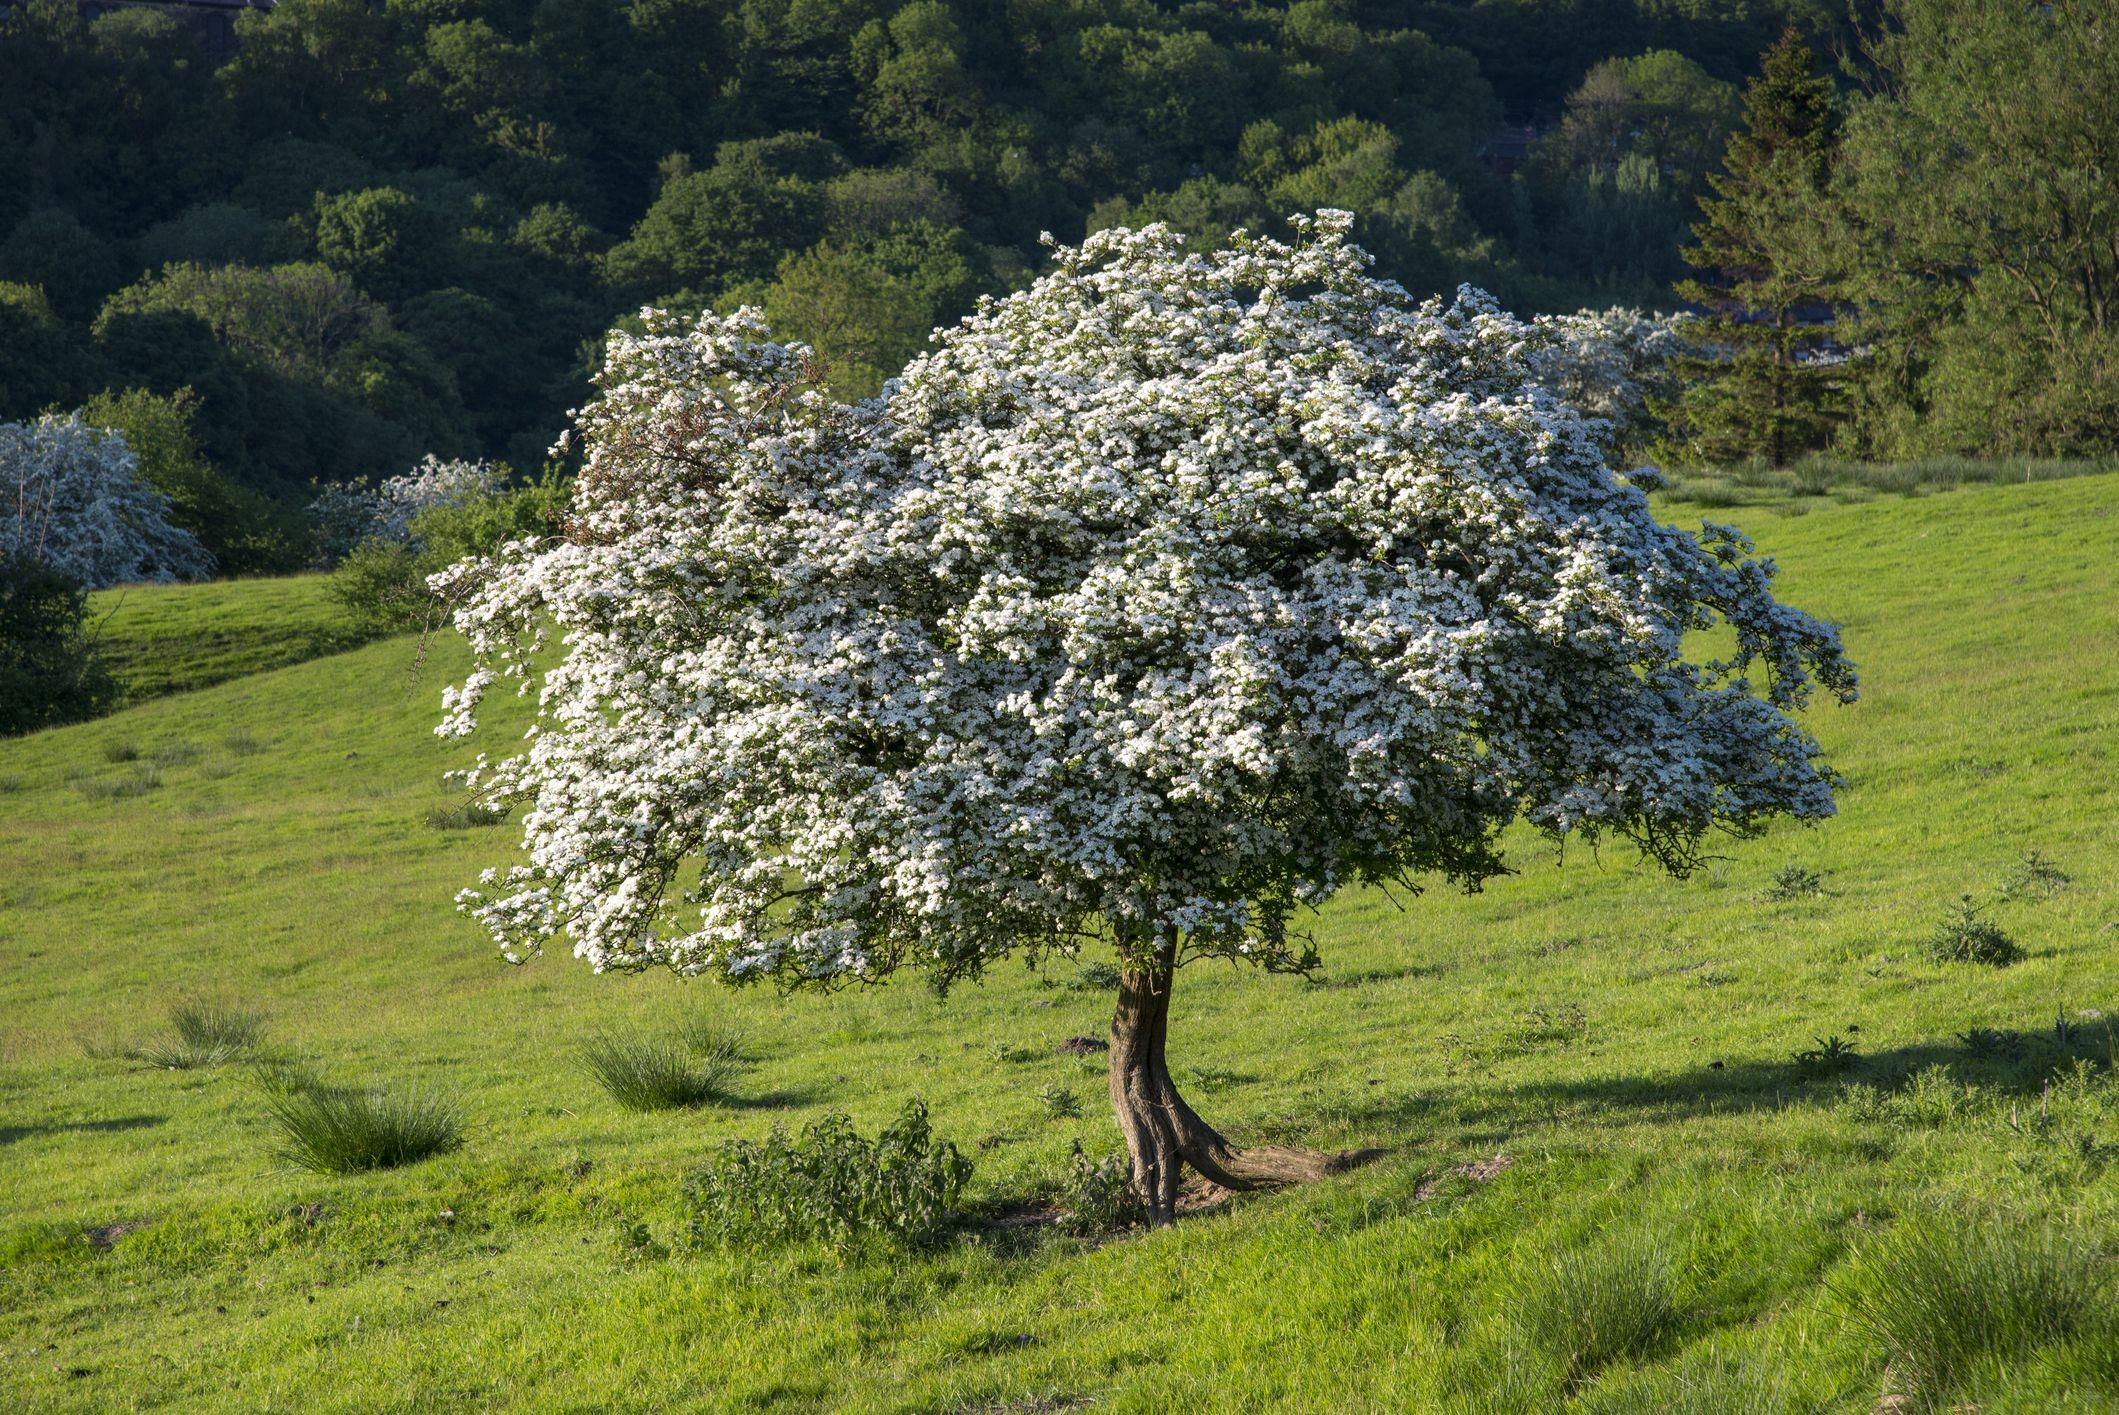 Hawthorn Tree (Crataegus crus-galli)